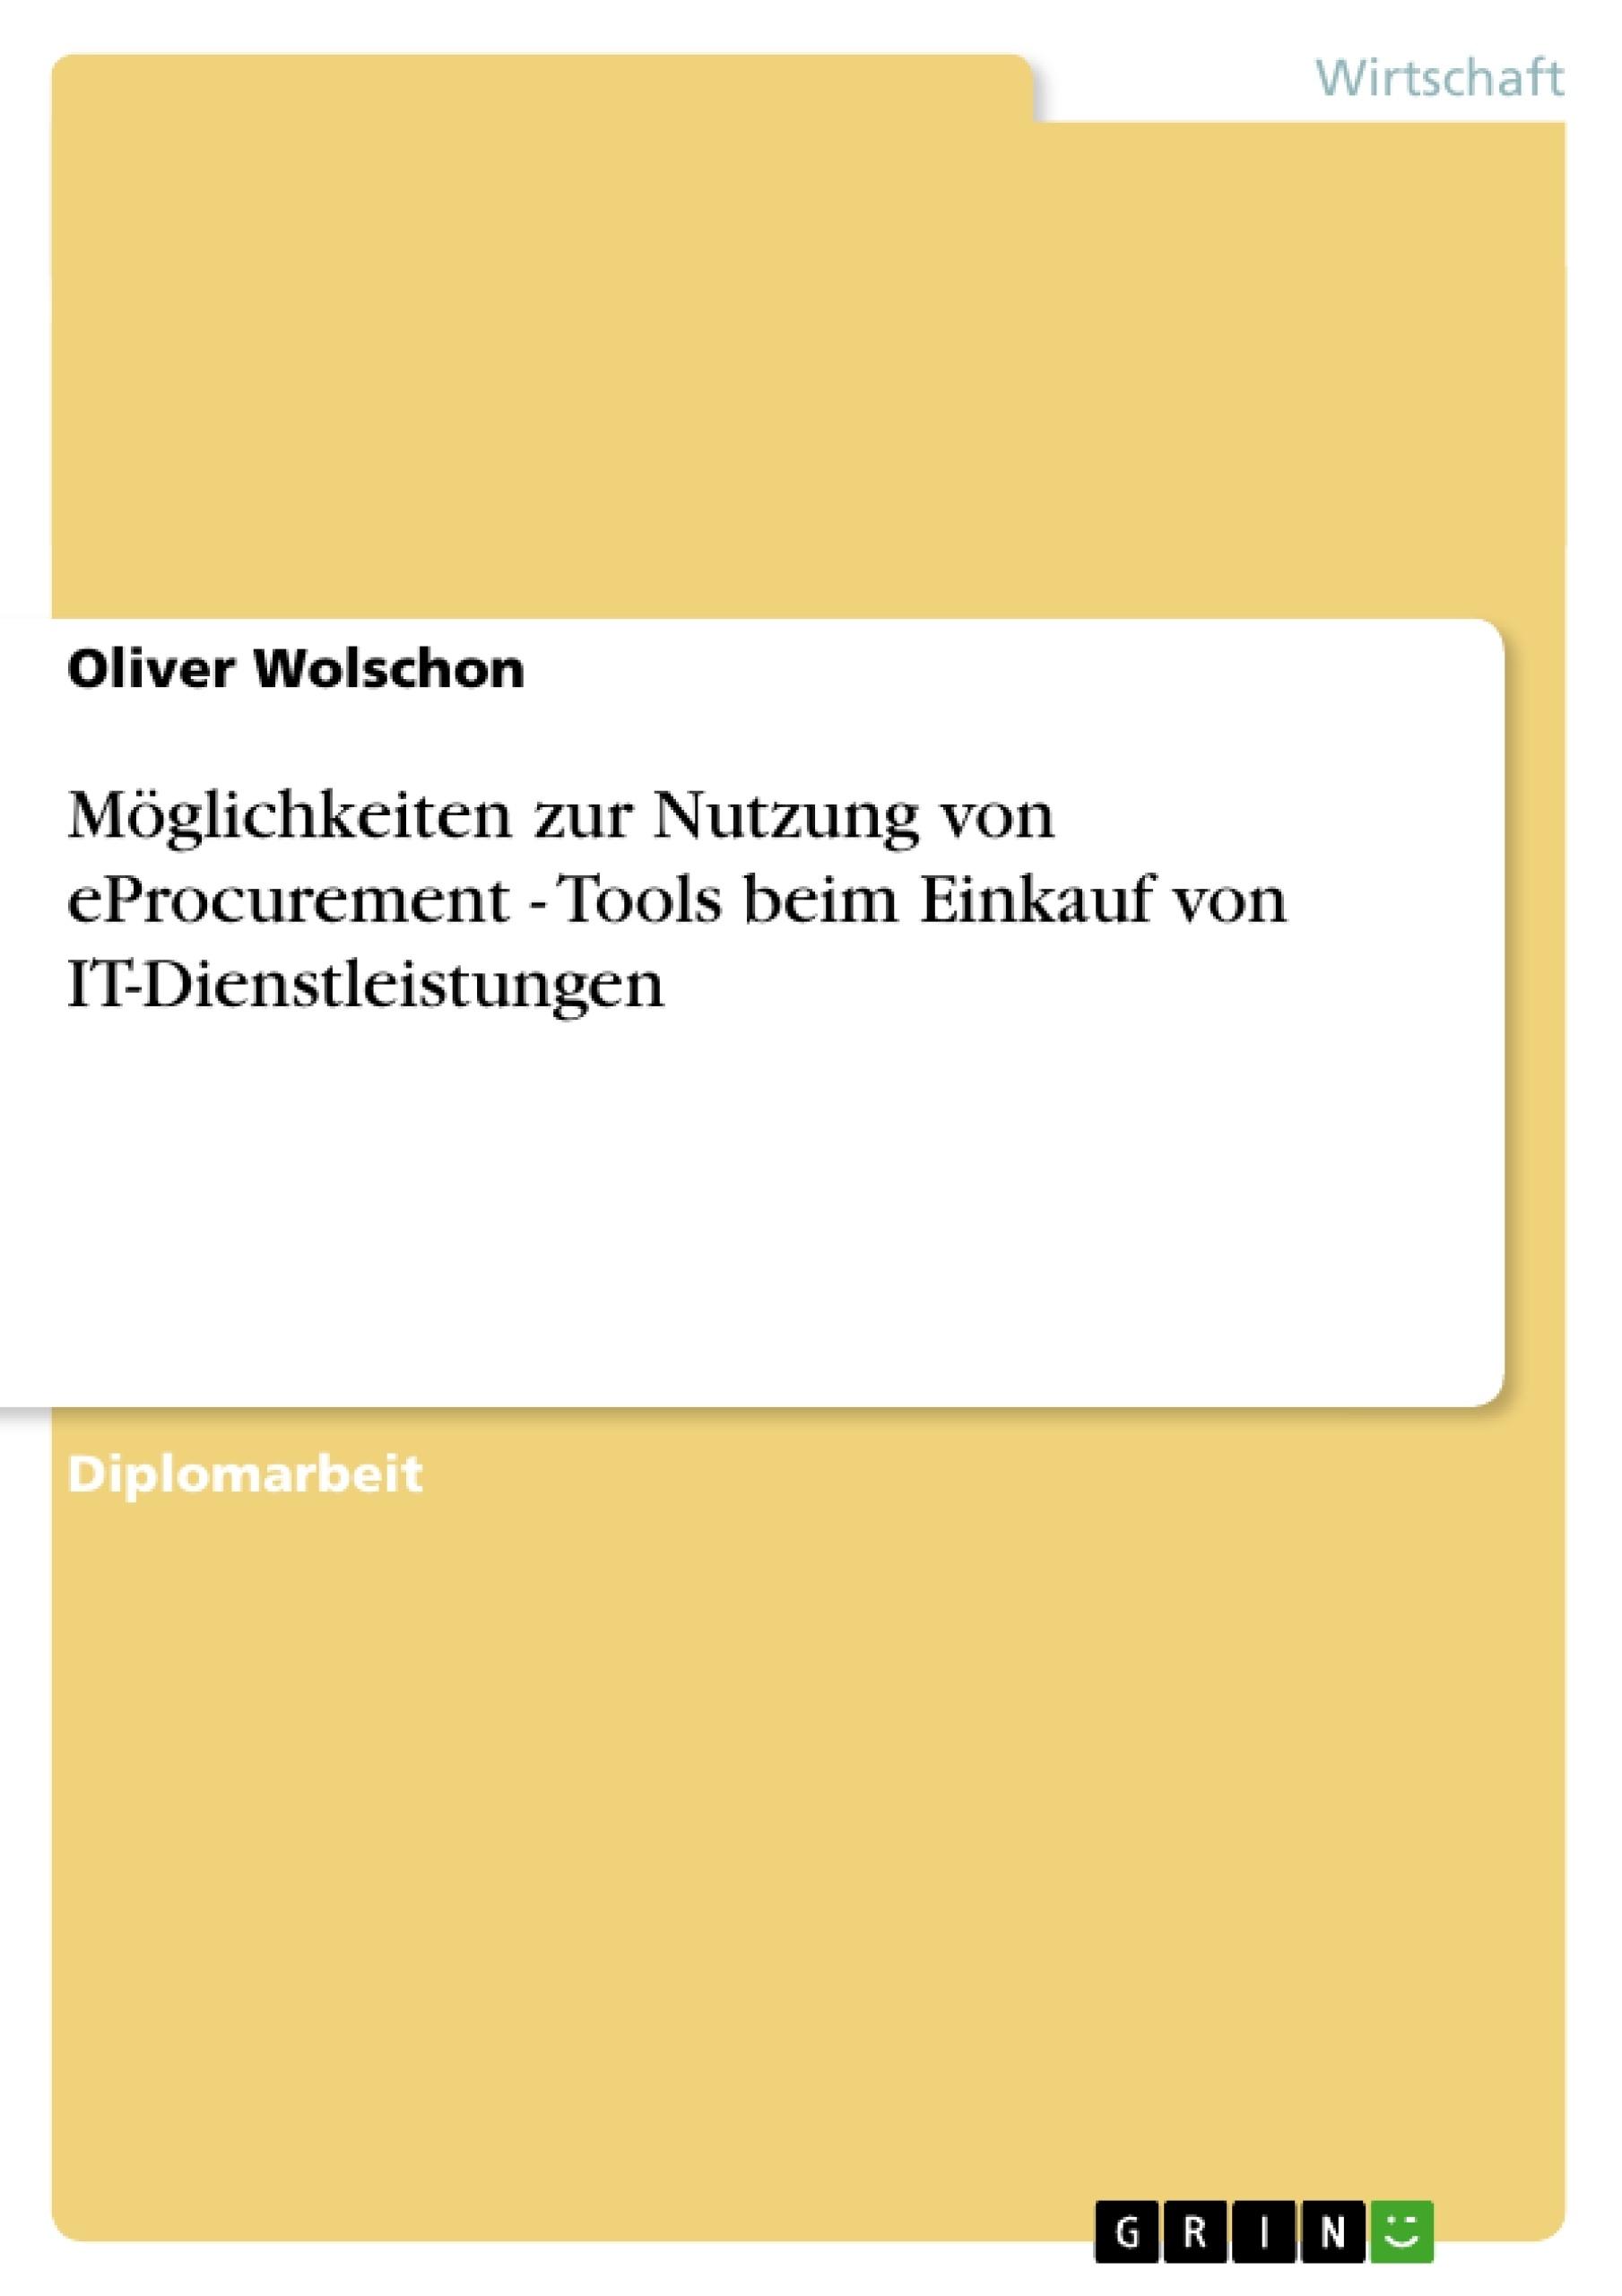 Titel: Möglichkeiten zur Nutzung von eProcurement - Tools beim Einkauf von IT-Dienstleistungen